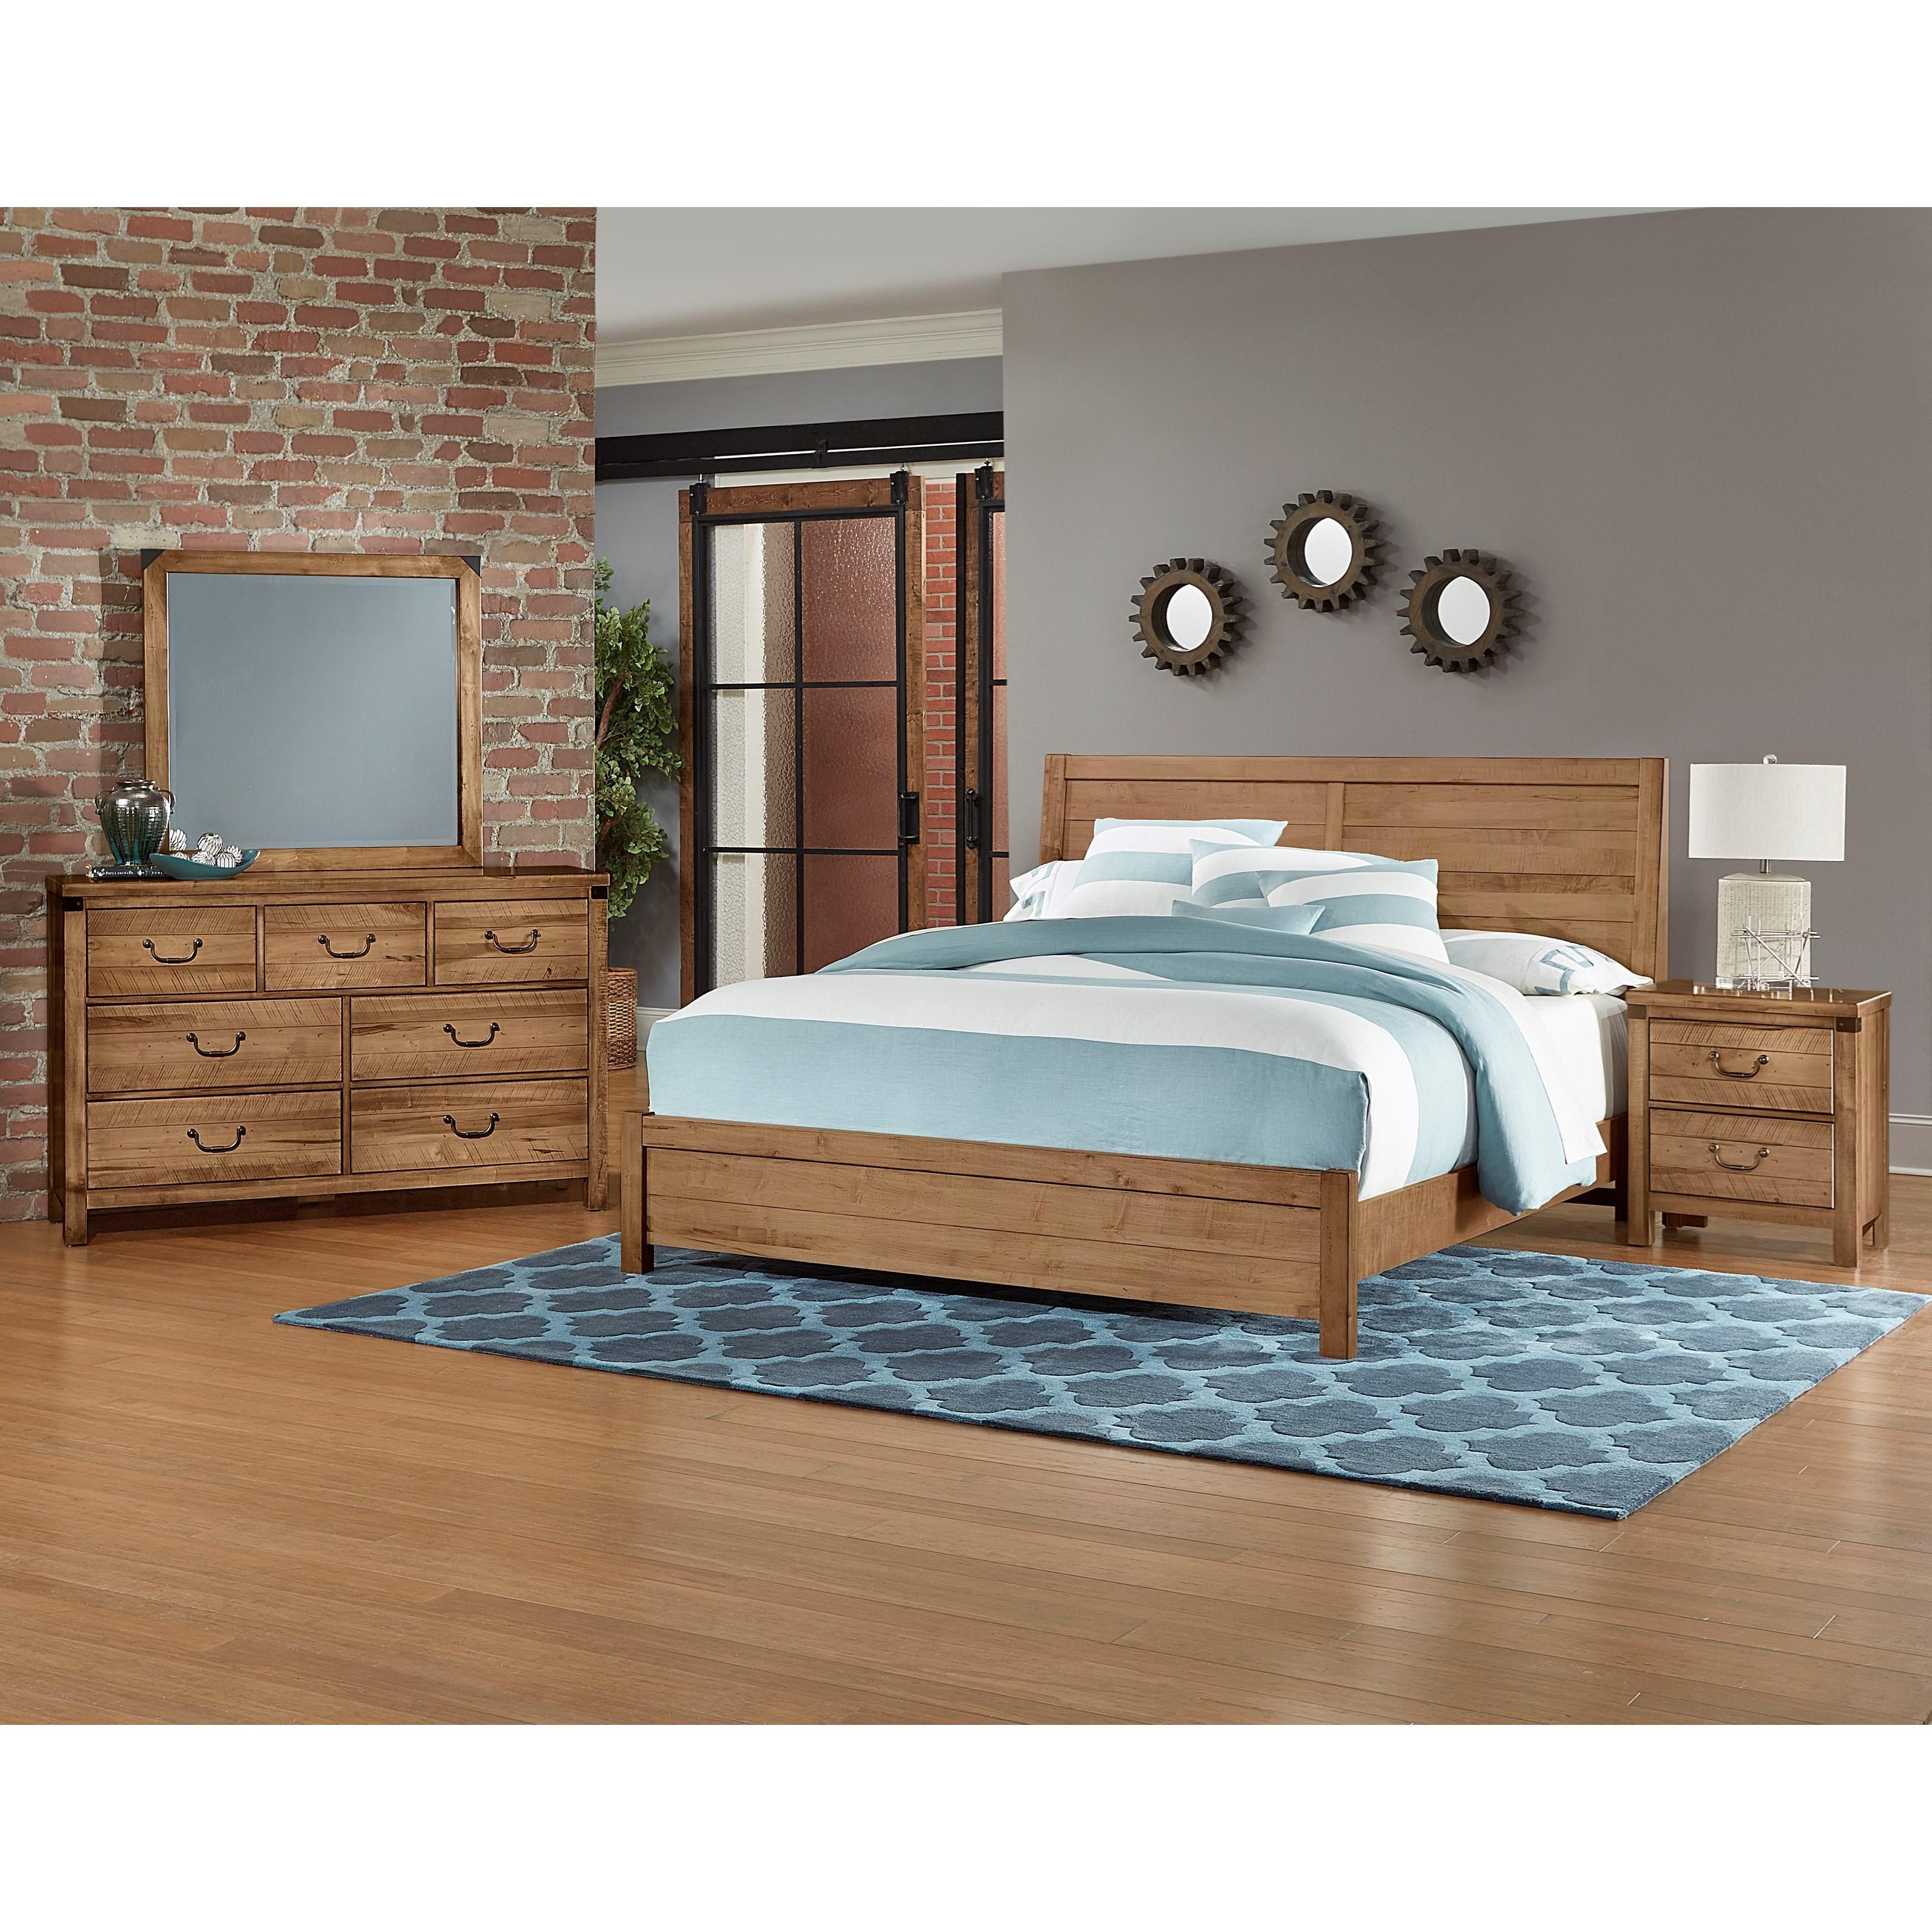 Artisan post sedgwick king bedroom group hudson 39 s for Bedroom groups